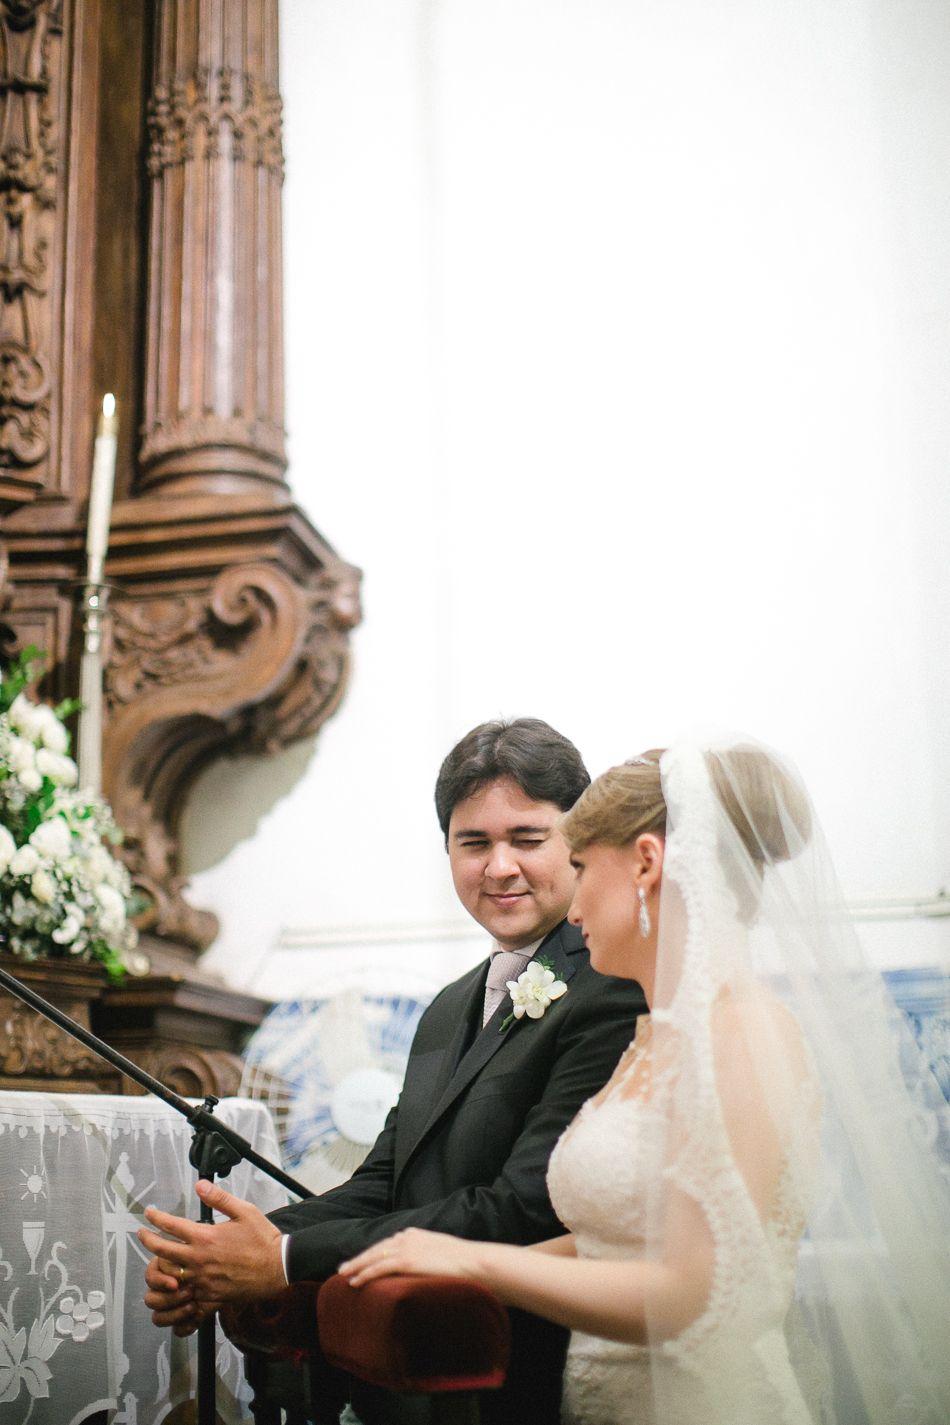 Casamento - Wedding - Rio de Janeiro - Brasil - Brazil - RJ - Raoní Aguiar Fotografia - Cerimônia - Igreja católica - Centro do Rio - Rio antigo - Outeiro da Glória